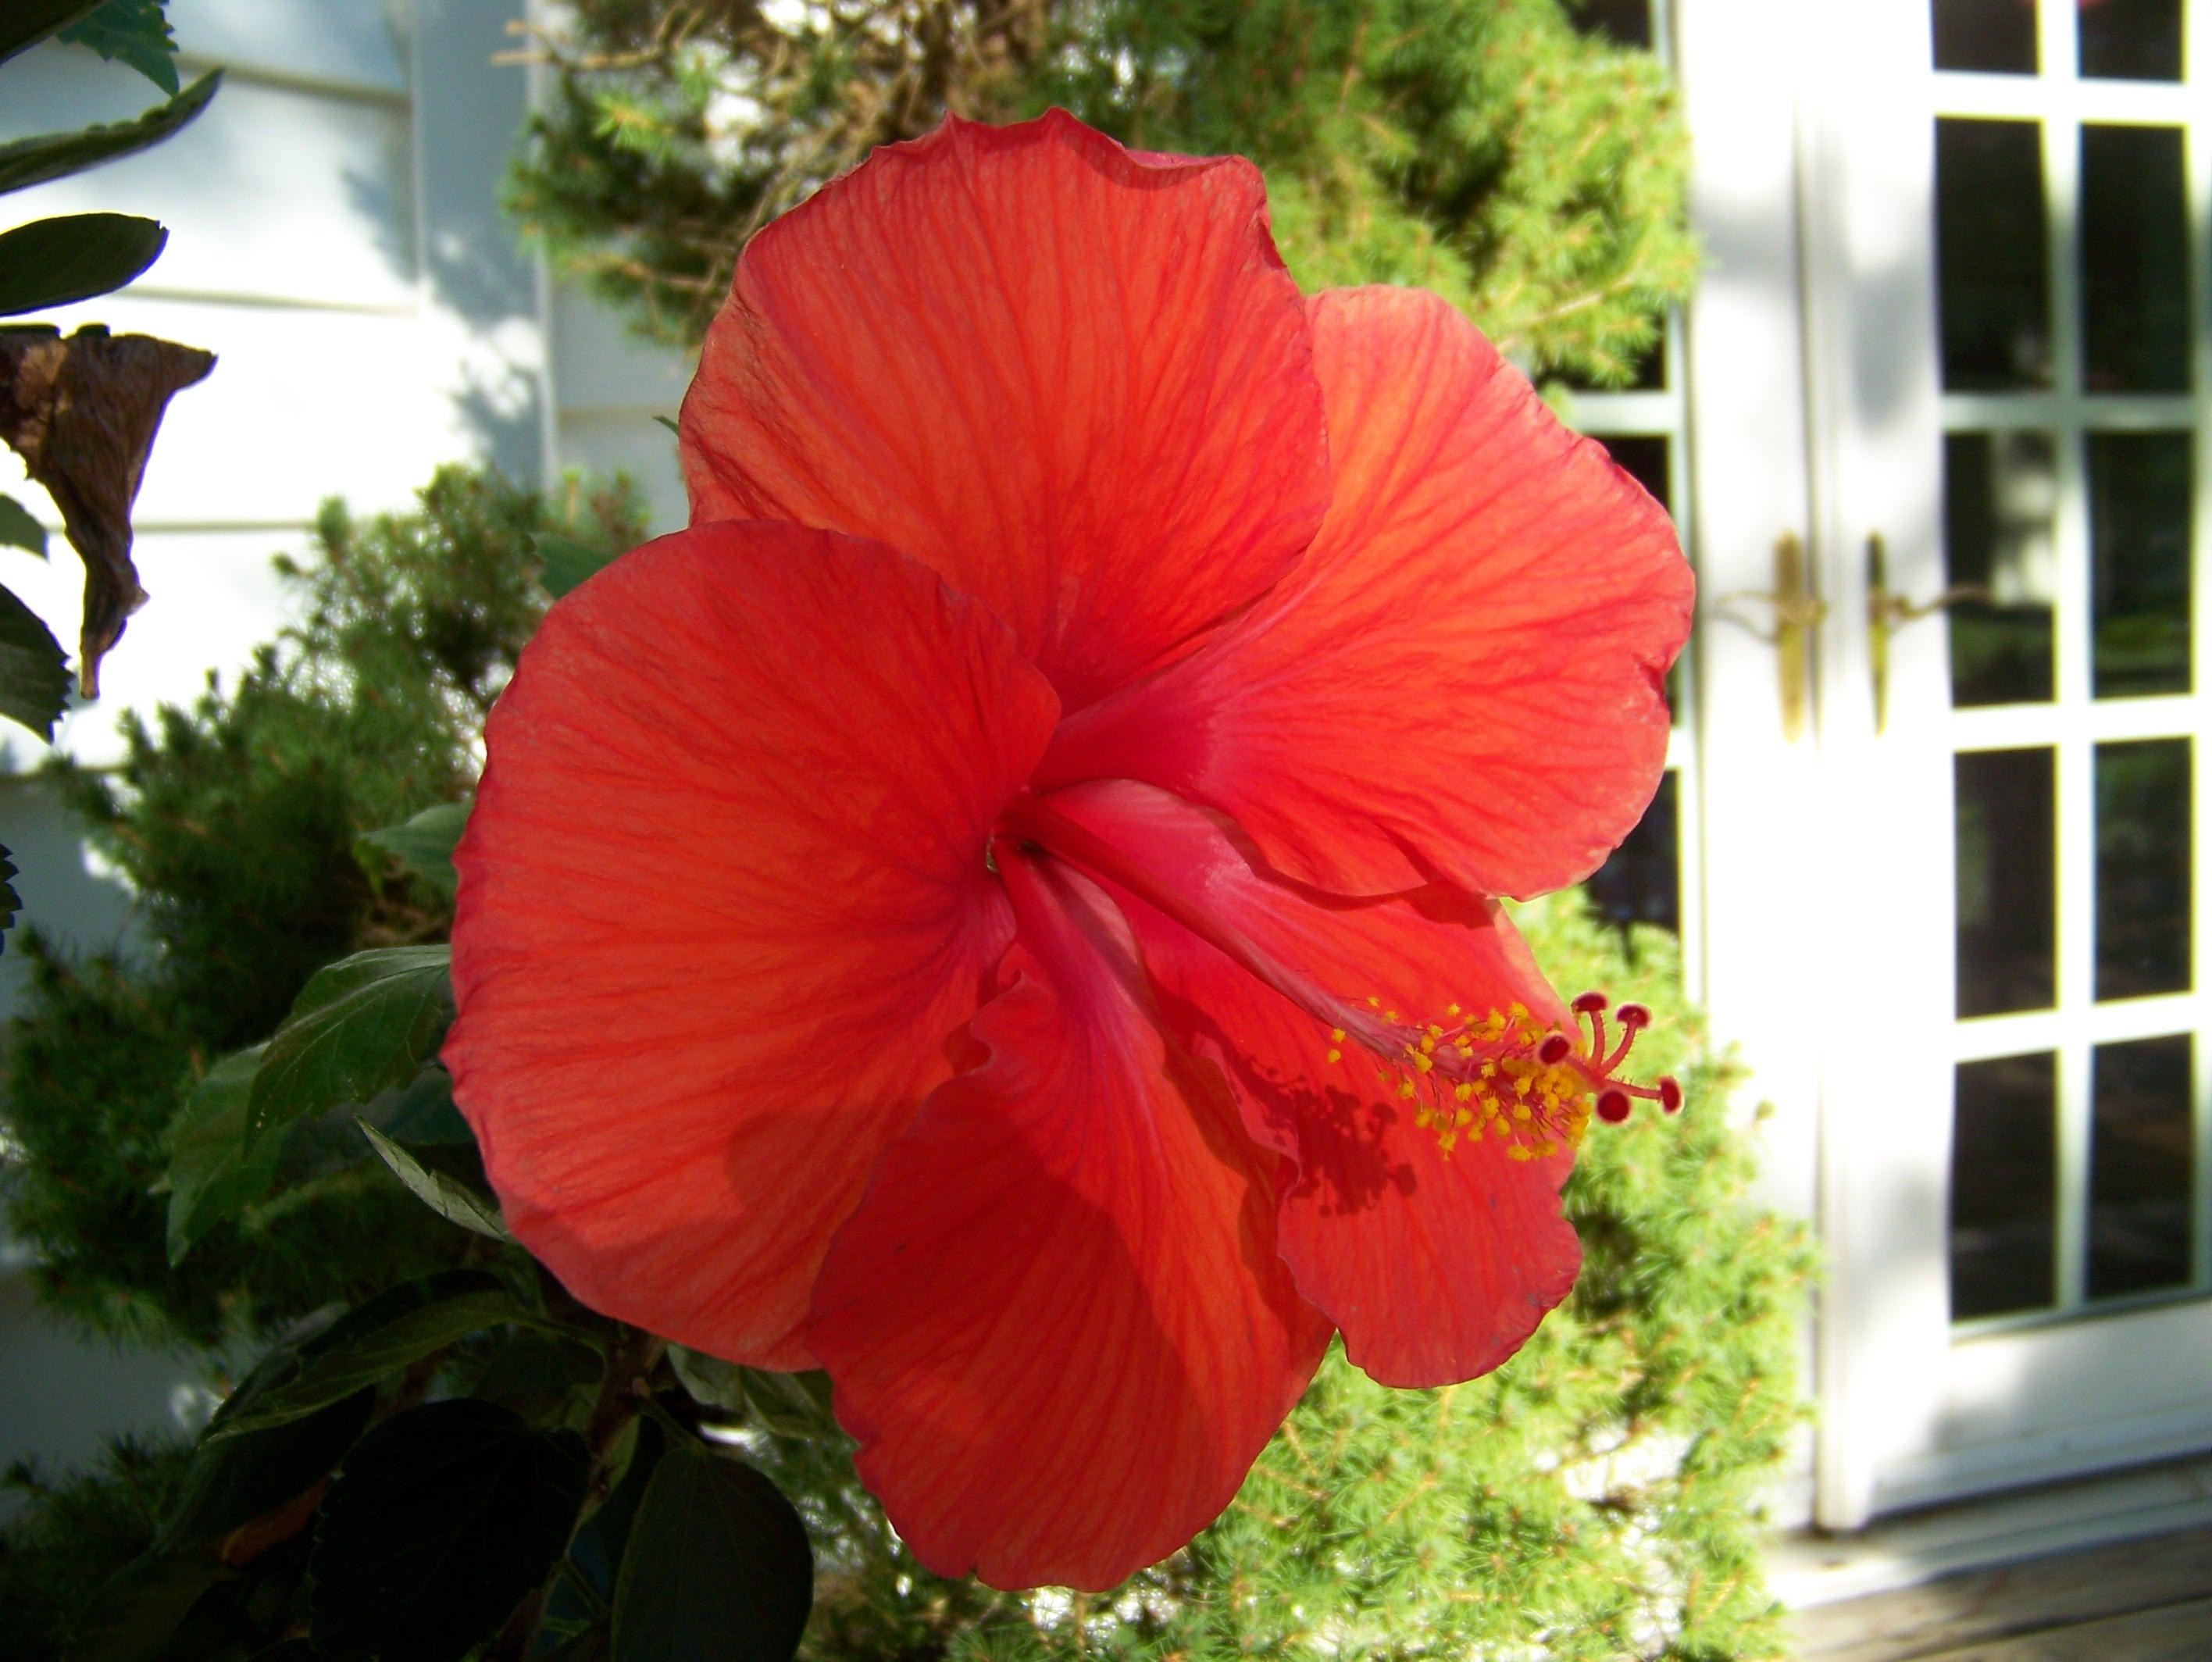 Gratuites maison lumi¨re du soleil fleur pétale